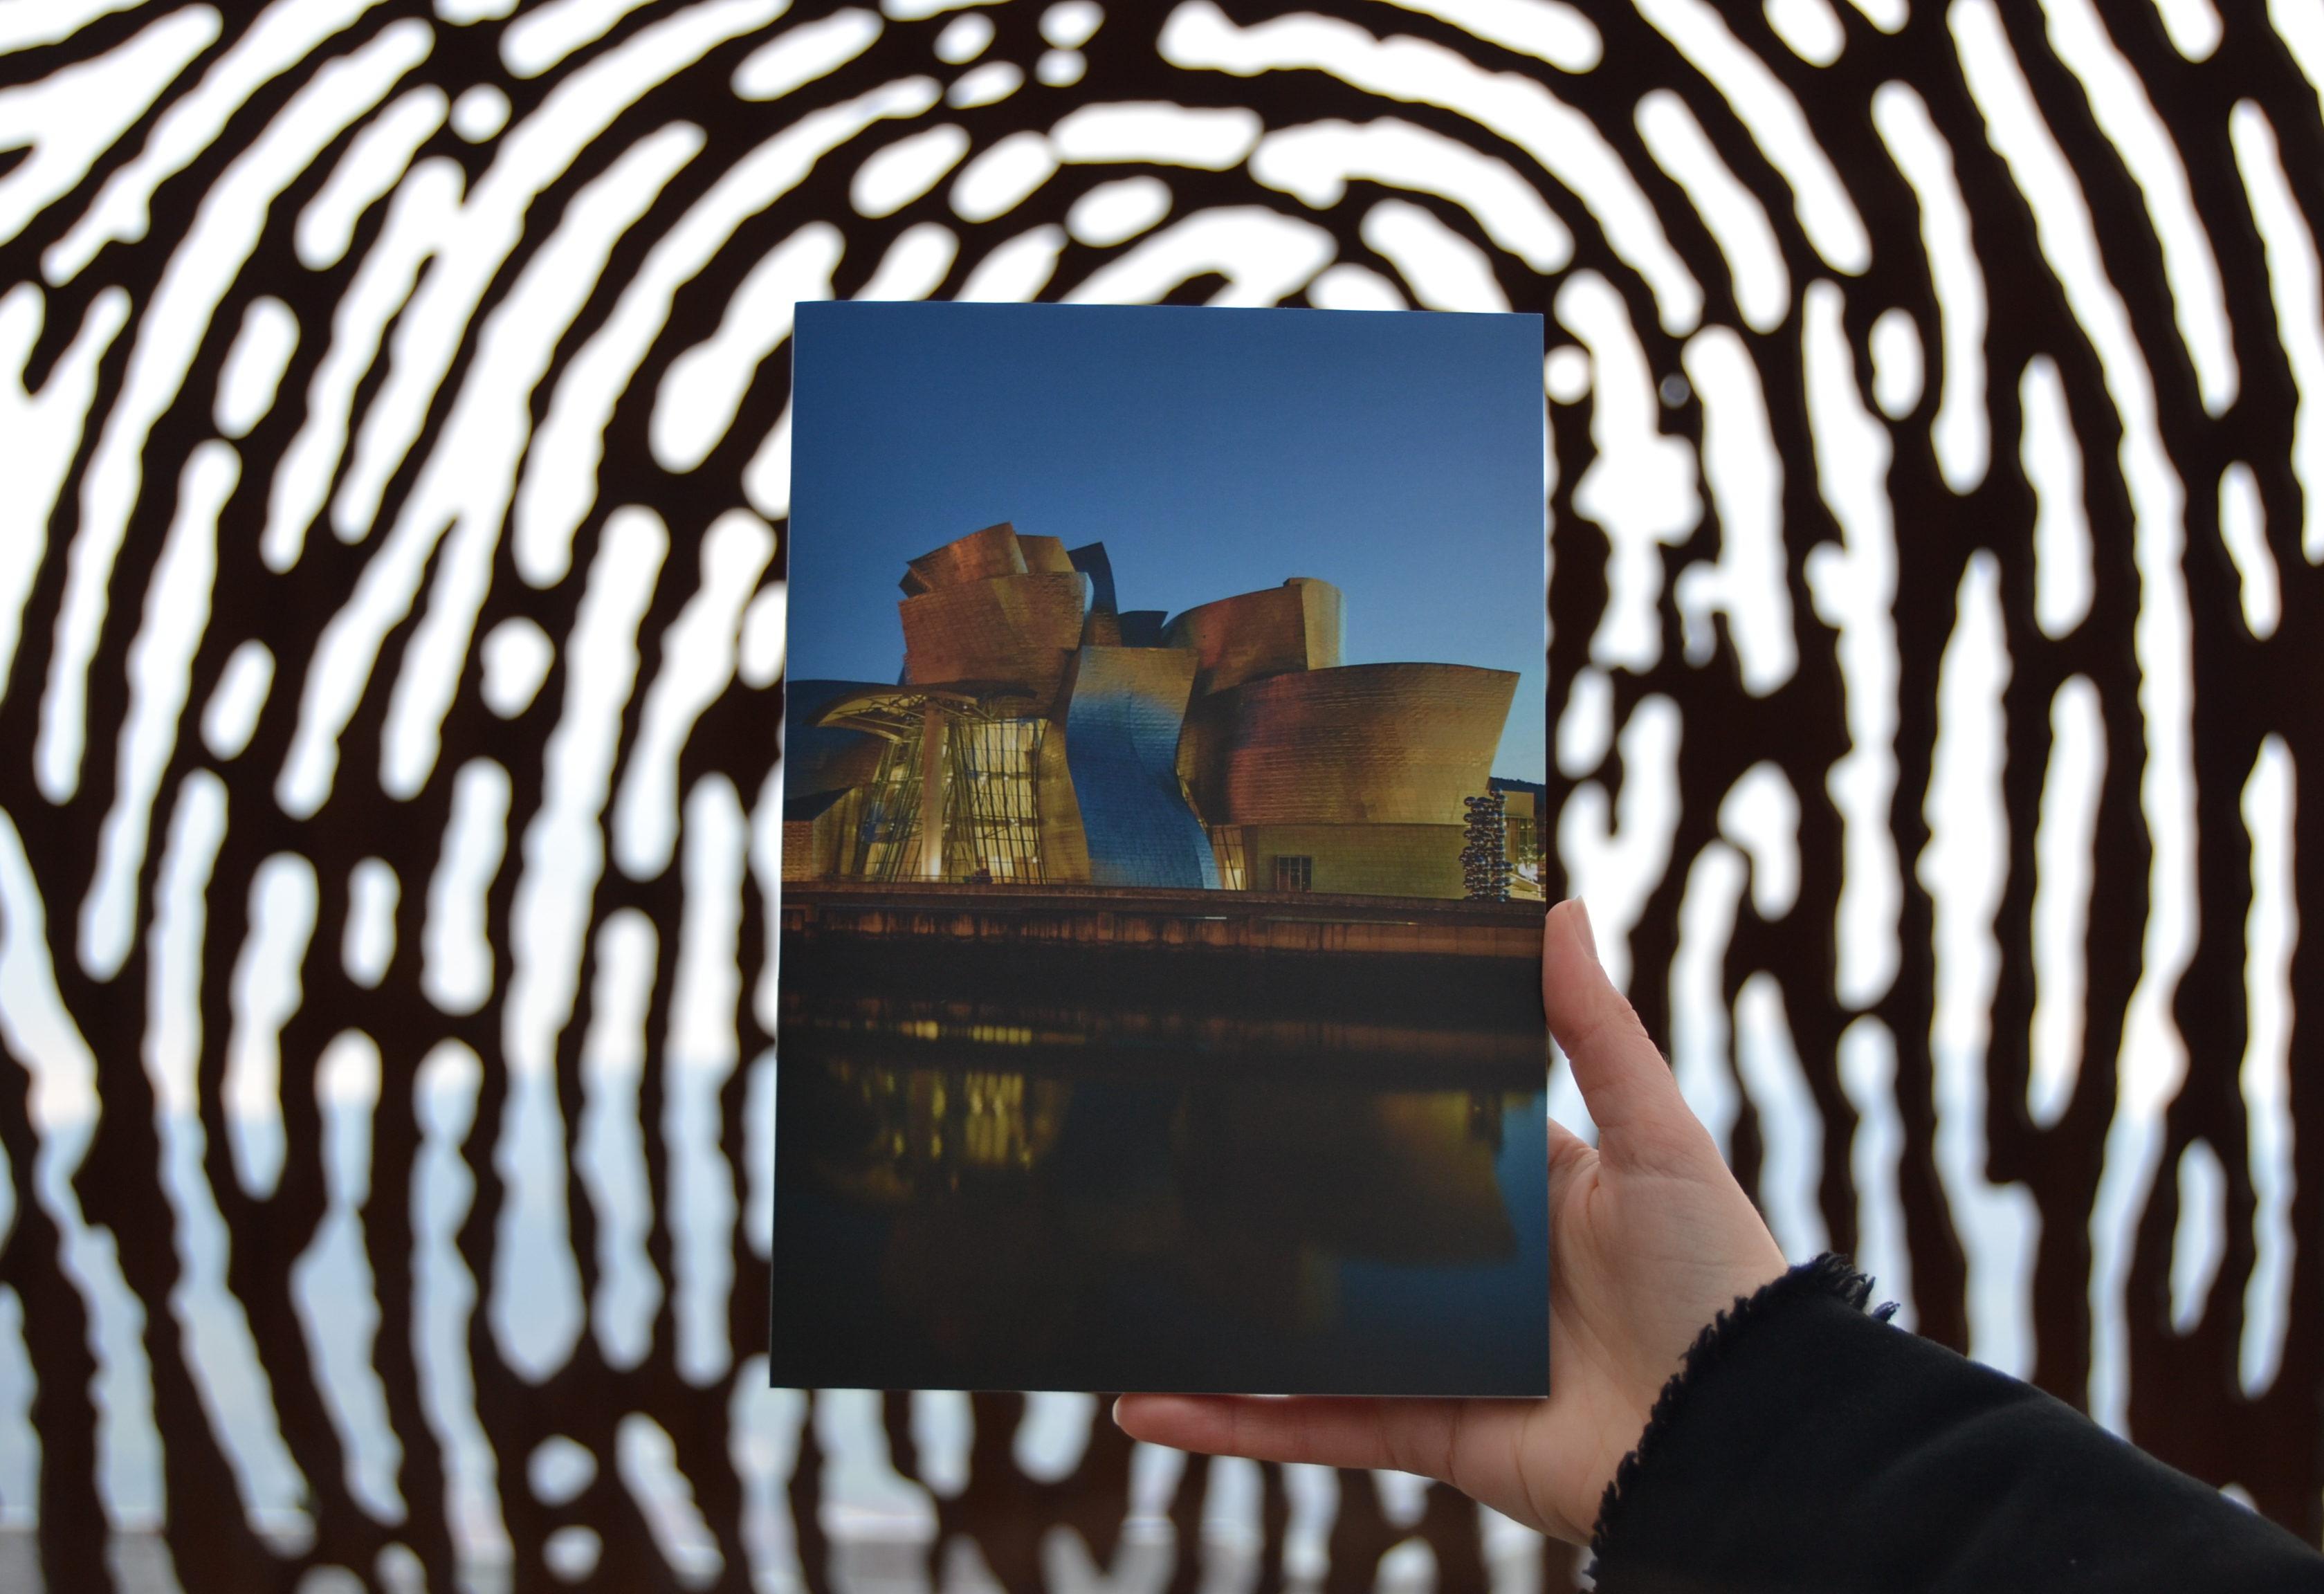 Quoi faire à Bilbao en 3 jours - Mirador de Artxanda Funicular de Artxanda quoi voir à Bilbao quoi faire à Bilbao Bilbao en 3 jours blog voyage les p'tits touristes